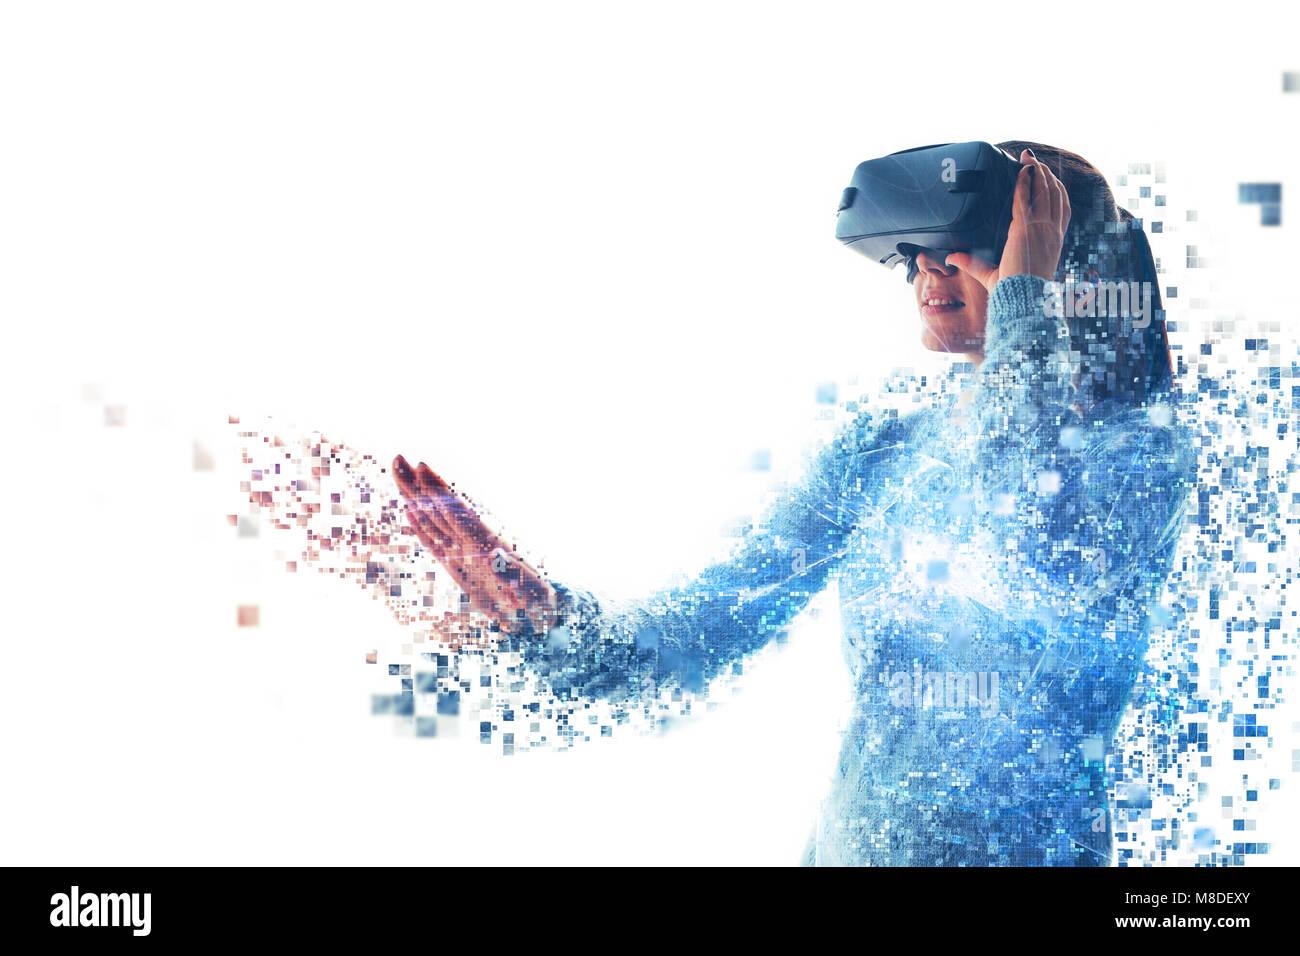 Eine Person in virtuellen Gläser fliegt in Pixel. Die Frau mit der Brille der Virtuellen Realität. Zukunft Stockbild